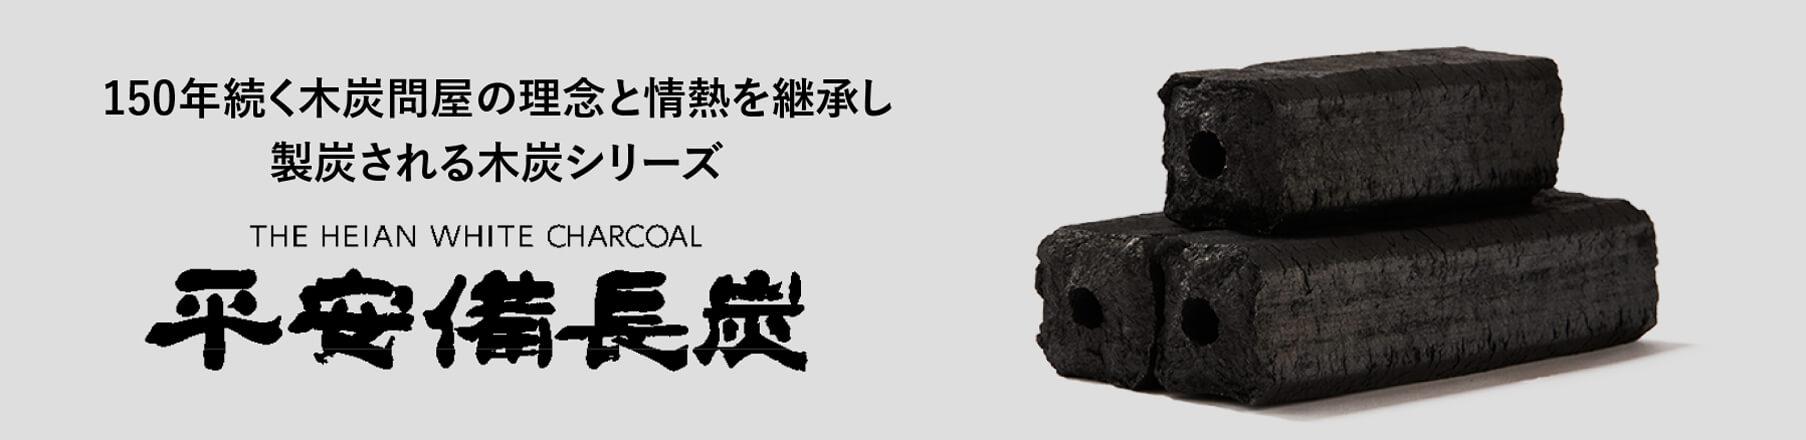 平安備長炭の特設ページ